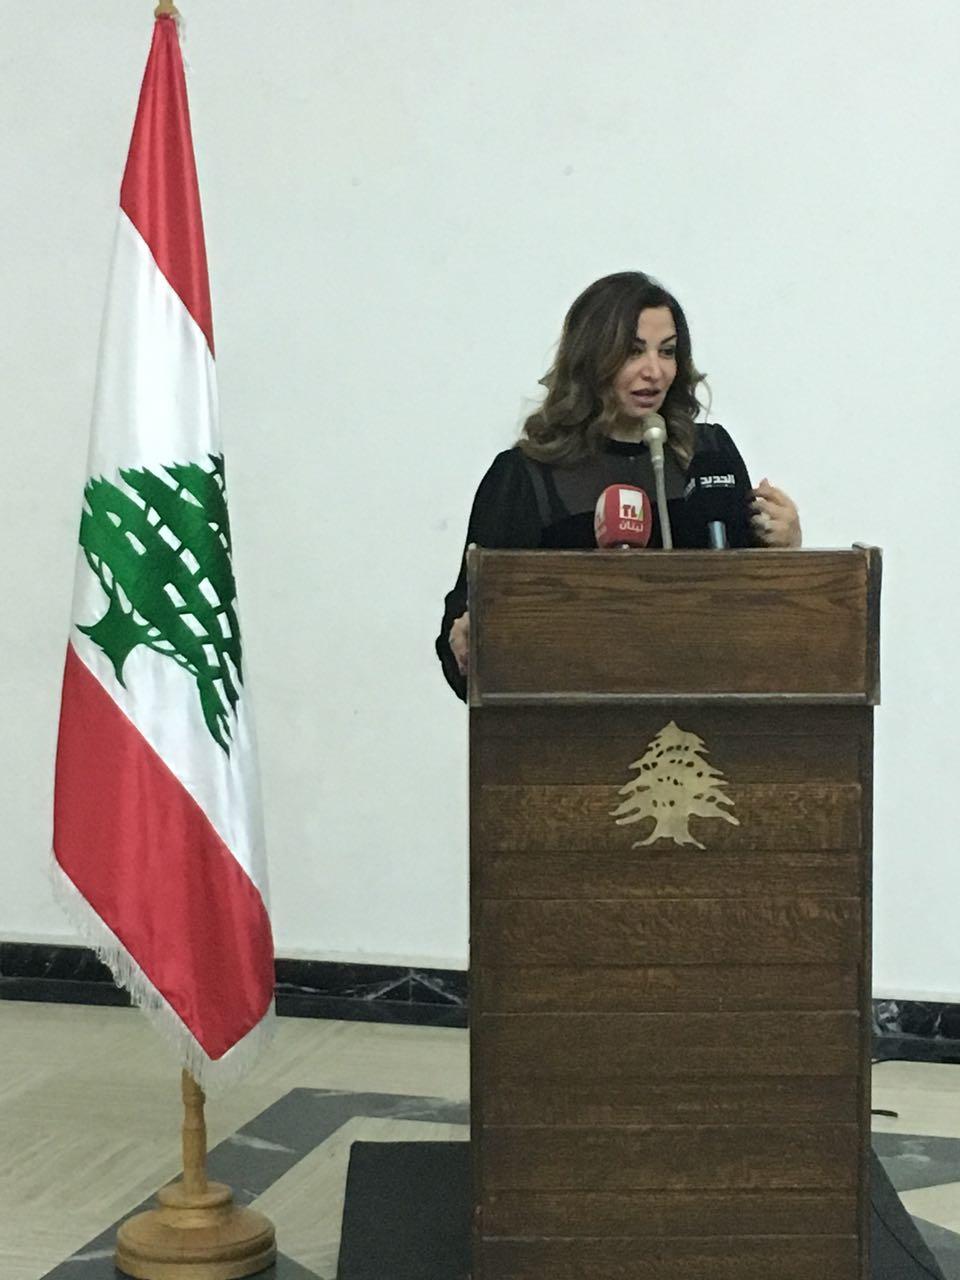 صورة هلا مراد تحمل من لبنان شعار لن يسقط الورق والفيسبوك الورقي